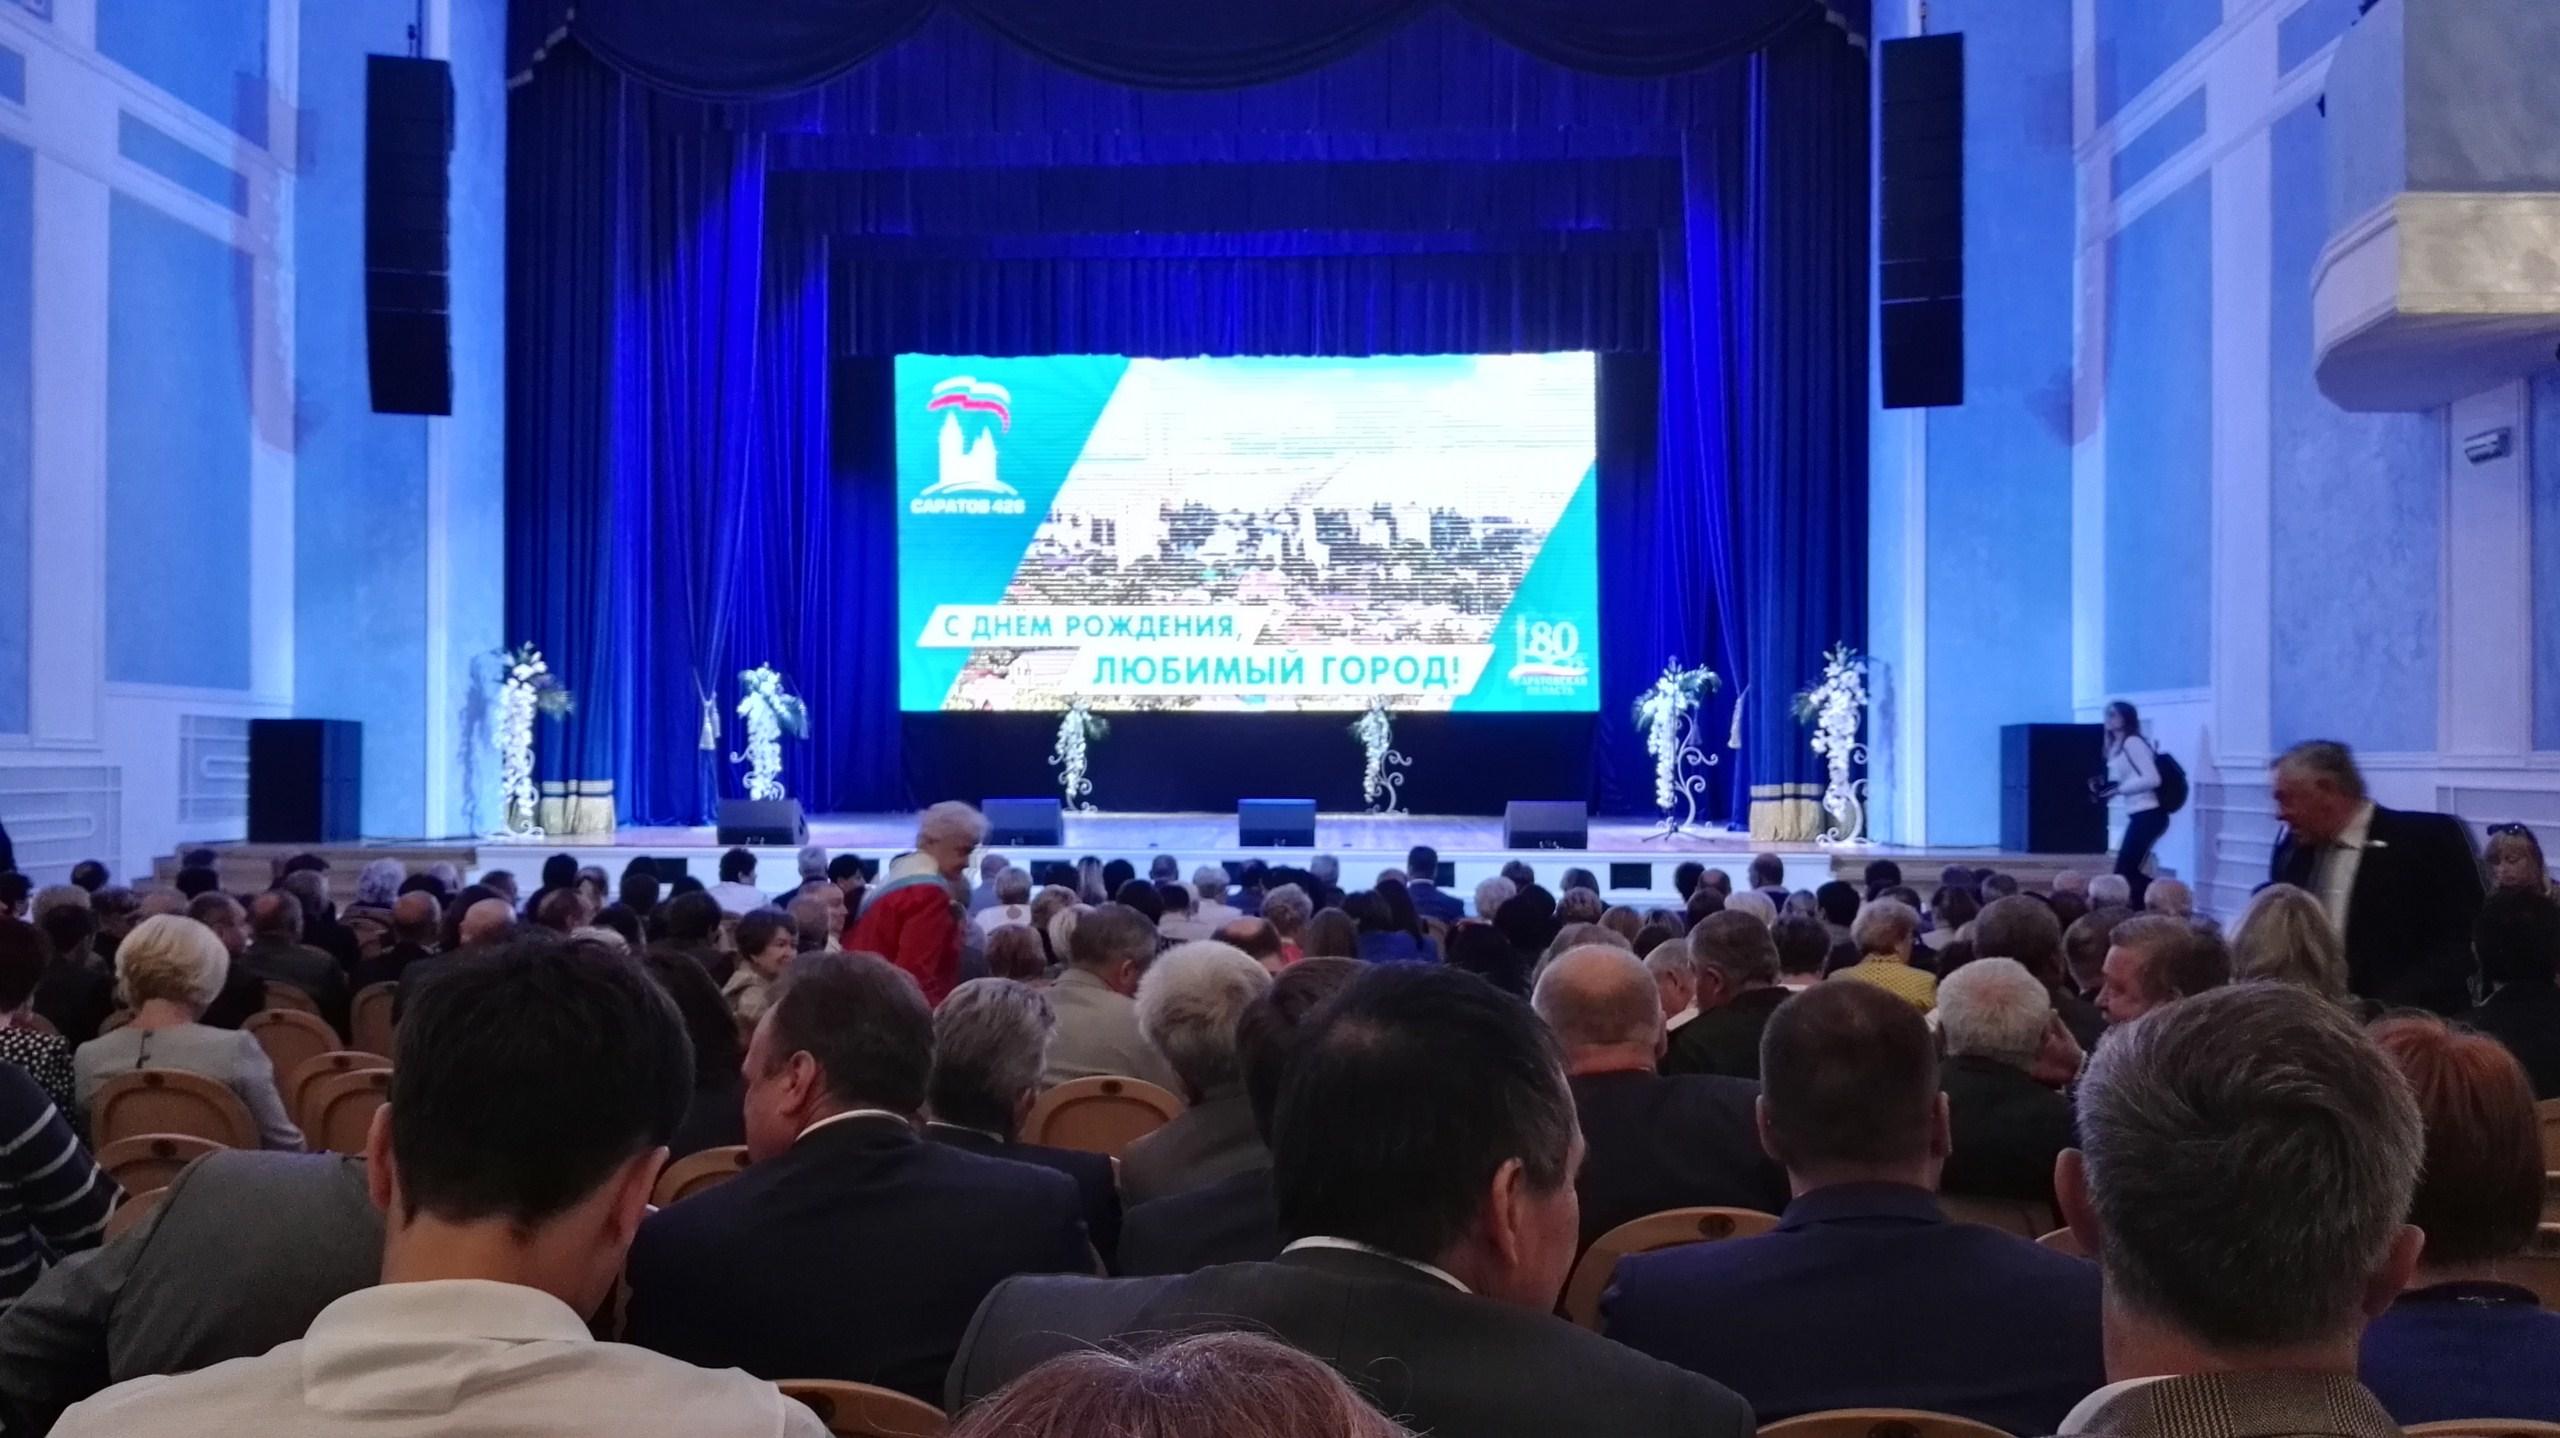 На торжественном мероприятии, посвященном Дню города Саратова 09.09.16